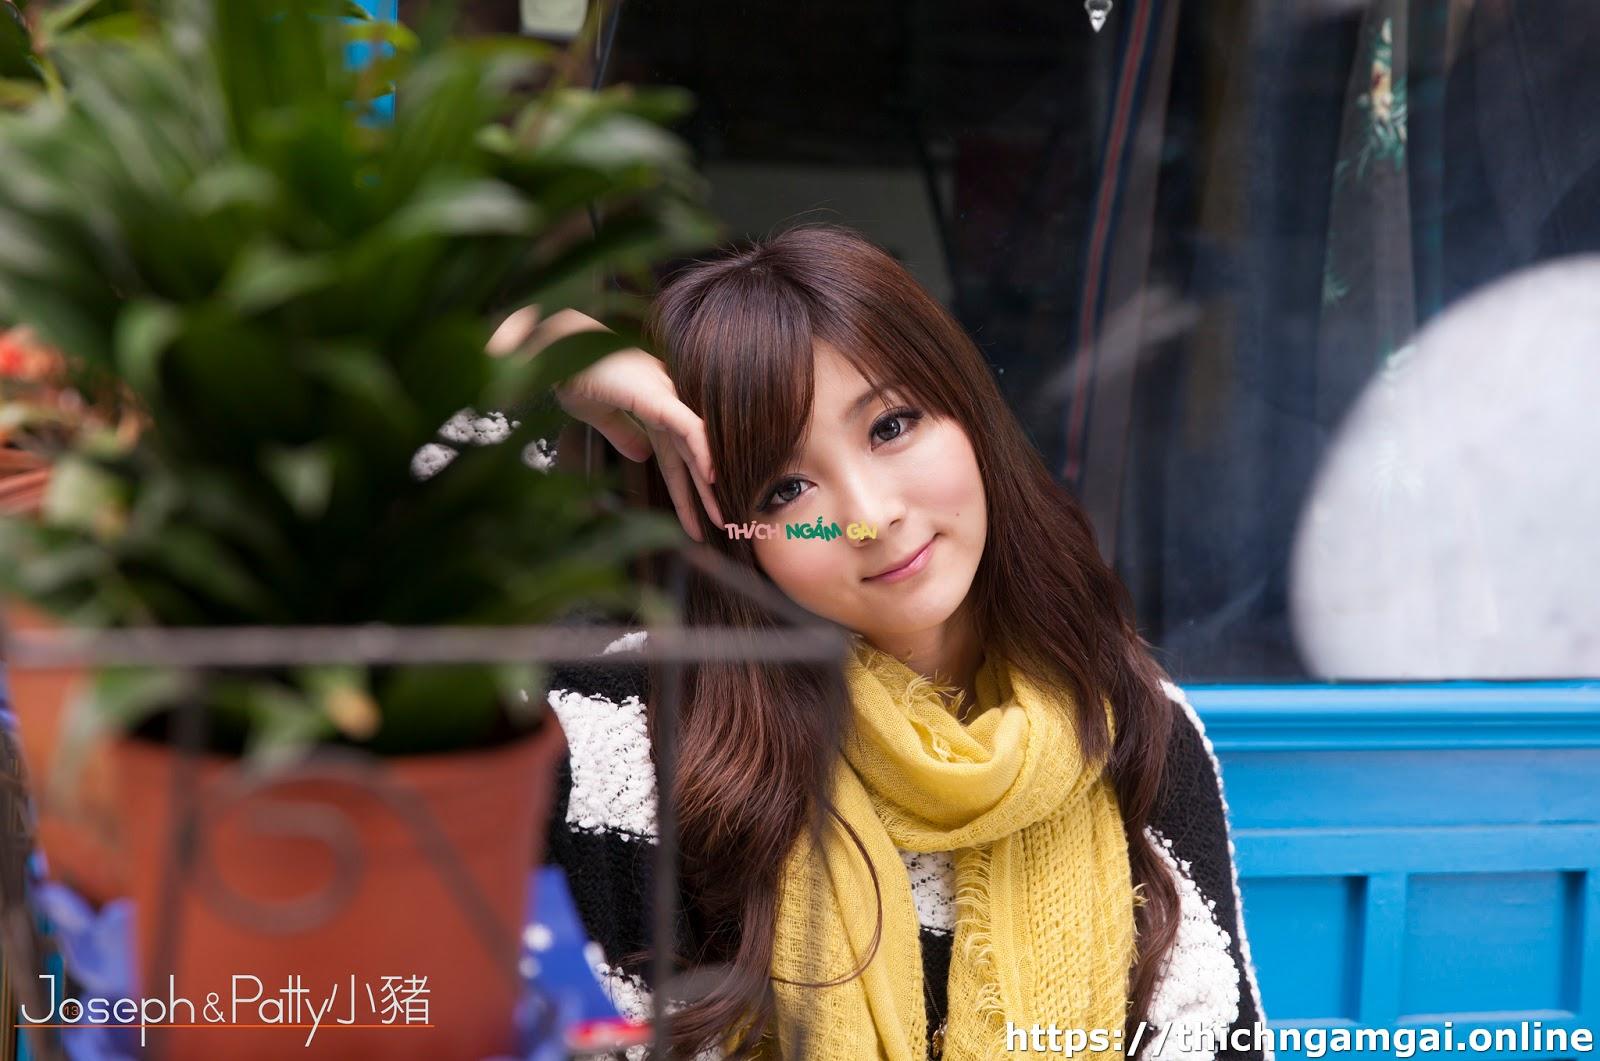 Thích Ngắm Gái 290.%2B_MG_0467%2B%2528Large%2B2048%2529 Tuyển Tập Girls Xinh Việt Nam (Phần 70)